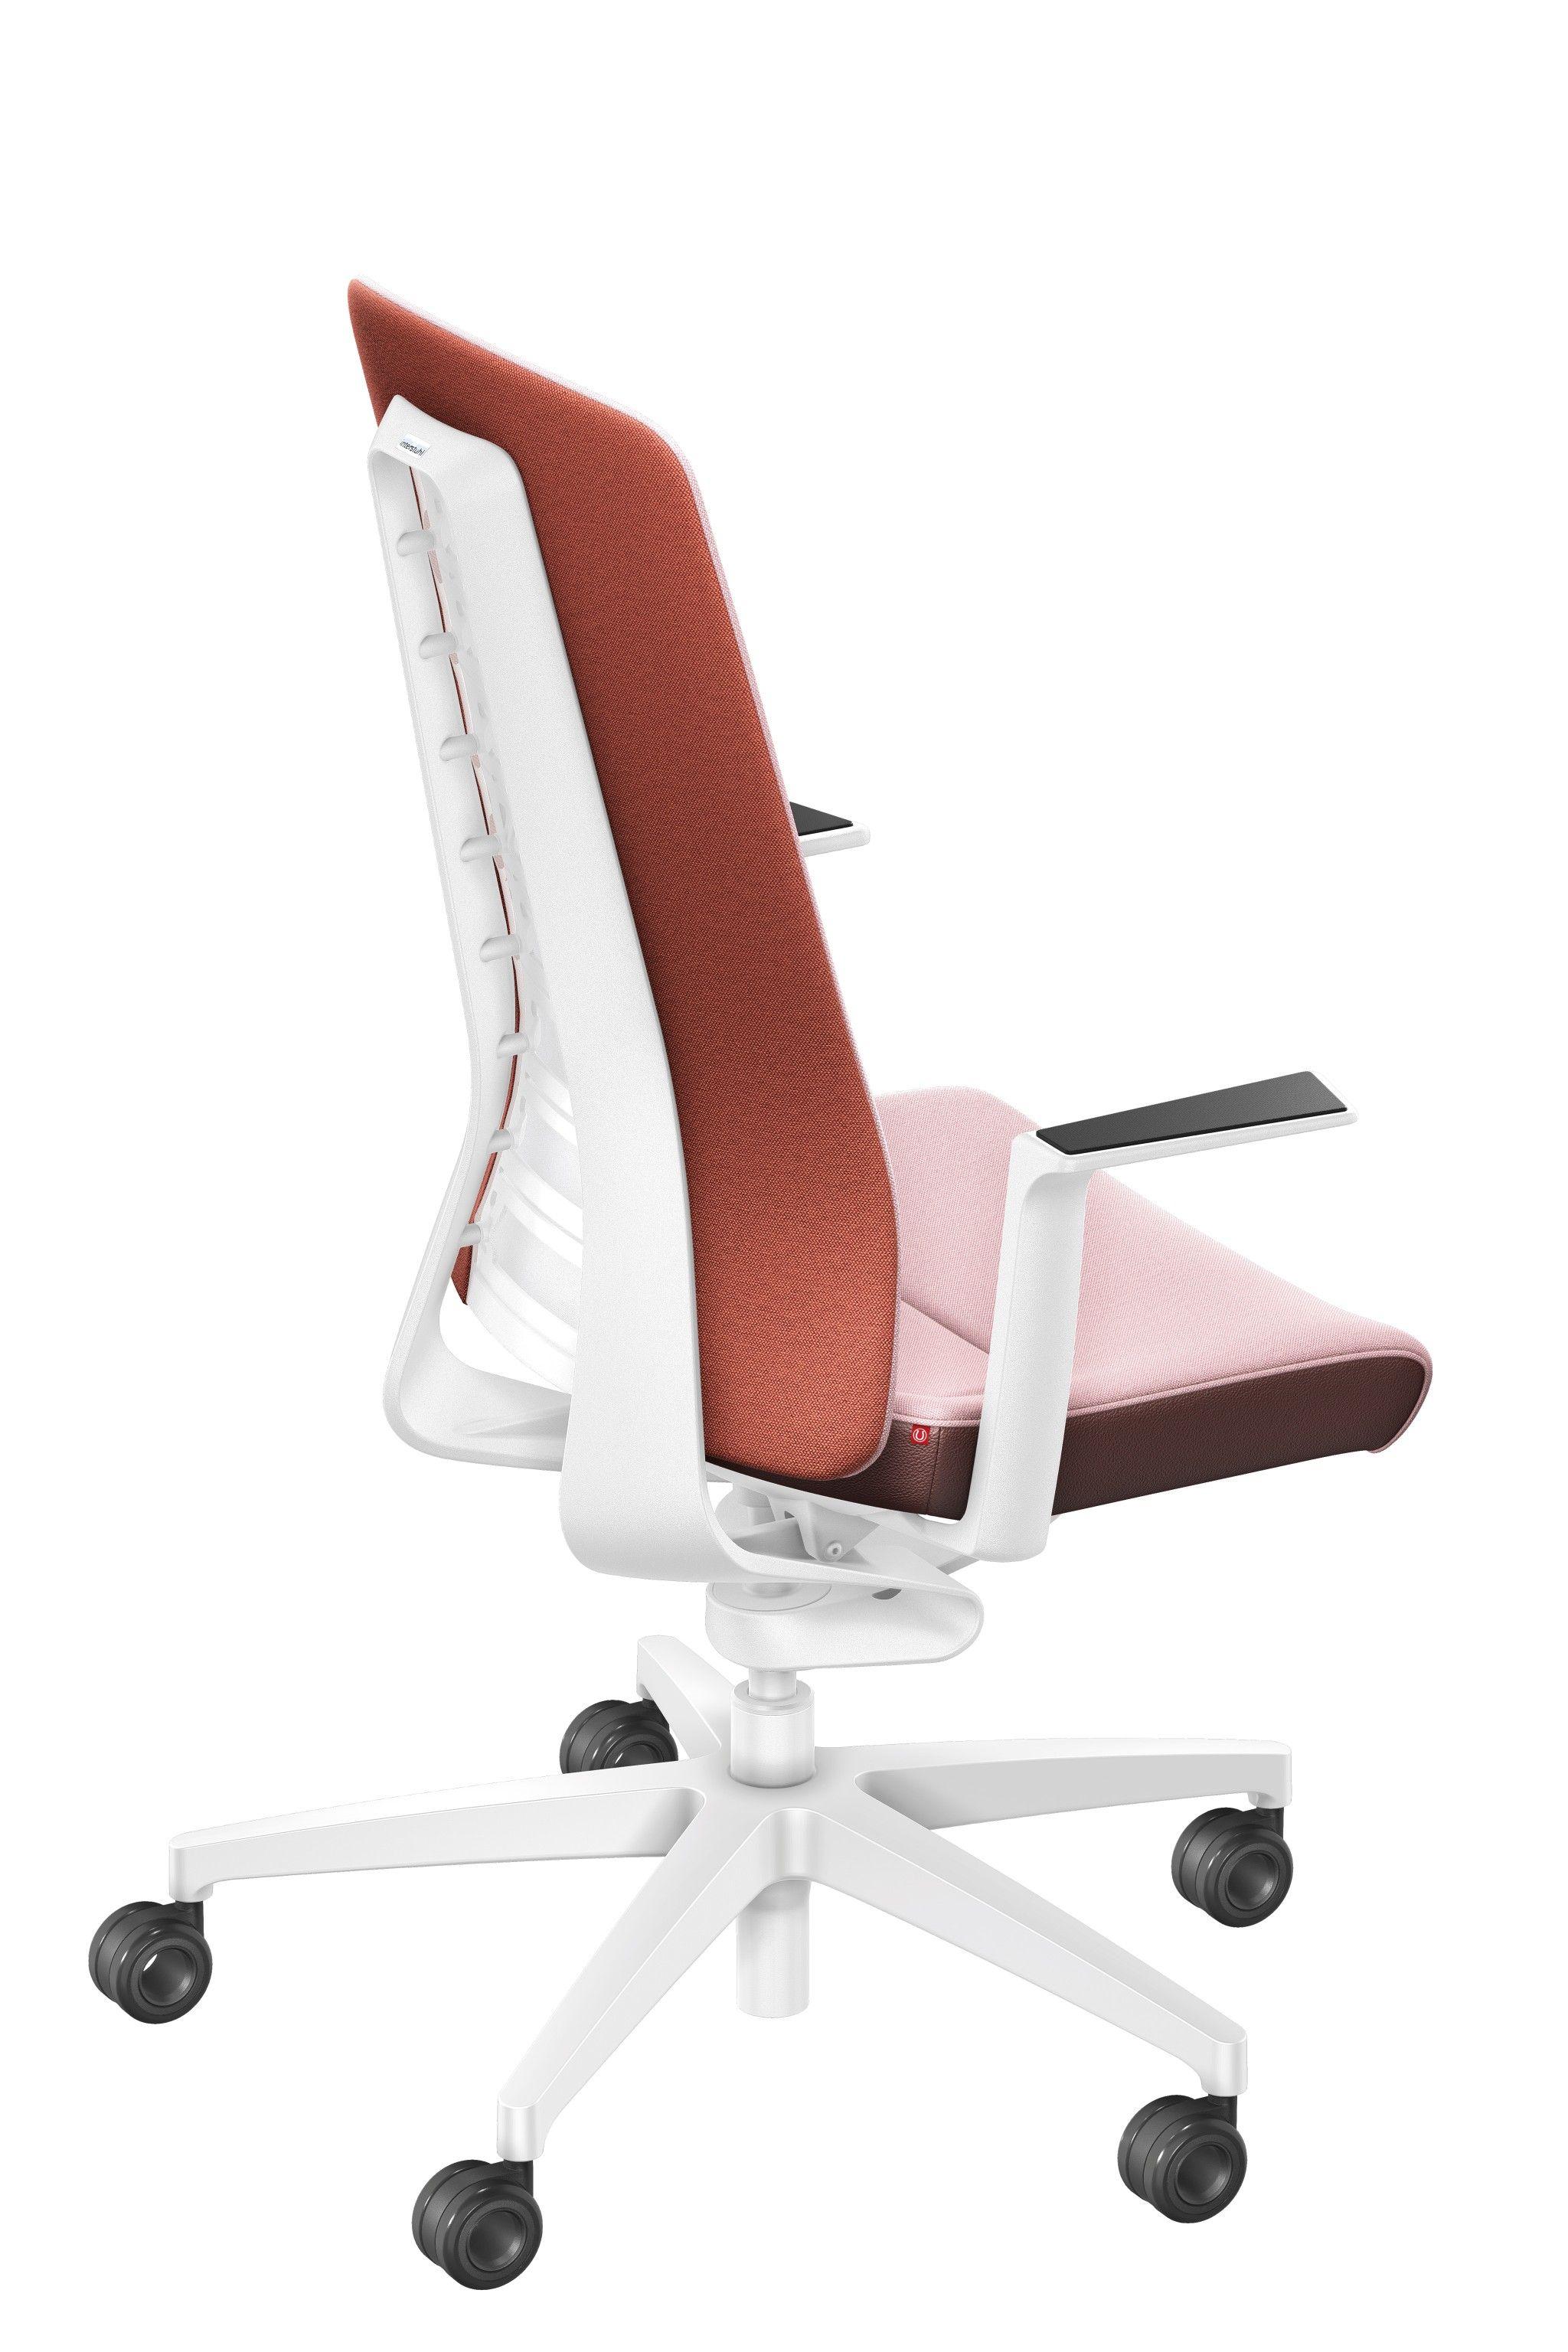 Schreibtischstuhl Rose Brown Pure Fashion Edition Burostuhl Von Interstuhl Burostuhl Schreibtischstuhl Ergonomisches Sitzen